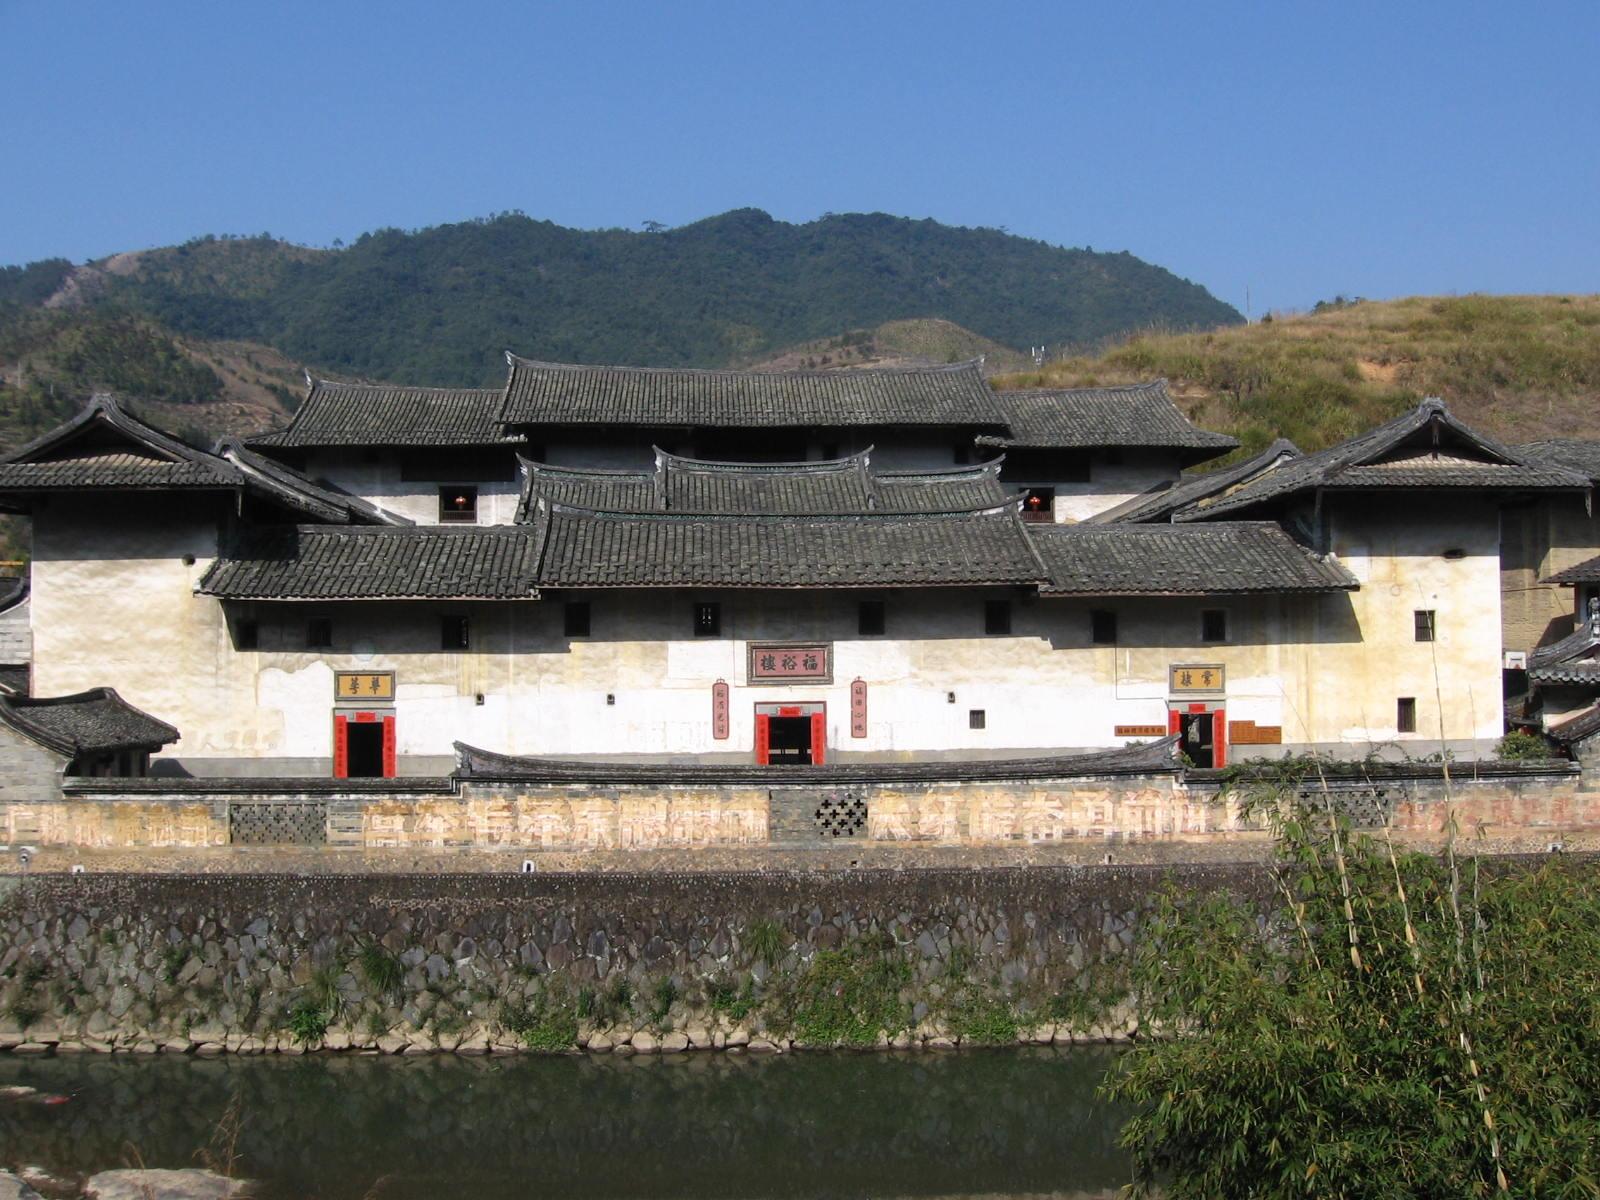 Yongding Hongkeng Tulou Cluster